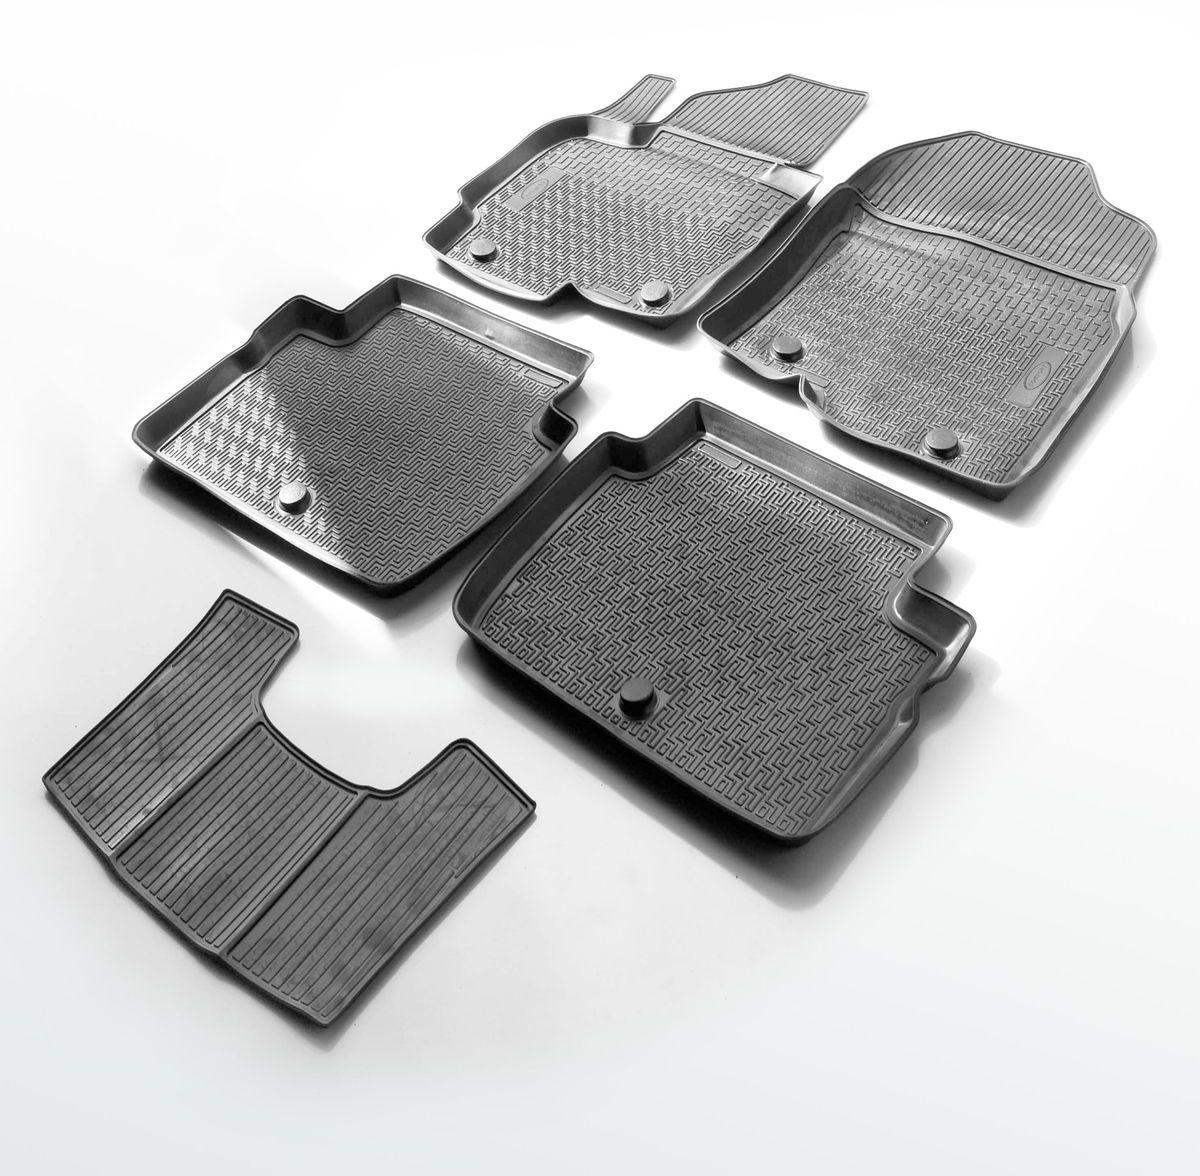 Коврики салона Rival для Toyota Corolla 2006-2013, c перемычкой, полиуретан21395599Прочные и долговечные коврики Rival в салон автомобиля, изготовлены из высококачественного и экологичного сырья, полностью повторяют геометрию салона вашего автомобиля.- Надежная система крепления, позволяющая закрепить коврик на штатные элементы фиксации, в результате чего отсутствует эффект скольжения по салону автомобиля.- Высокая стойкость поверхности к стиранию.- Специализированный рисунок и высокий борт, препятствующие распространению грязи и жидкости по поверхности коврика.- Перемычка задних ковриков в комплекте предотвращает загрязнение тоннеля карданного вала.- Произведены из первичных материалов, в результате чего отсутствует неприятный запах в салоне автомобиля.- Высокая эластичность, можно беспрепятственно эксплуатировать при температуре от -45 ?C до +45 ?C.Уважаемые клиенты!Обращаем ваше внимание,что коврики имеет формусоответствующую модели данного автомобиля. Фото служит для визуального восприятия товара.